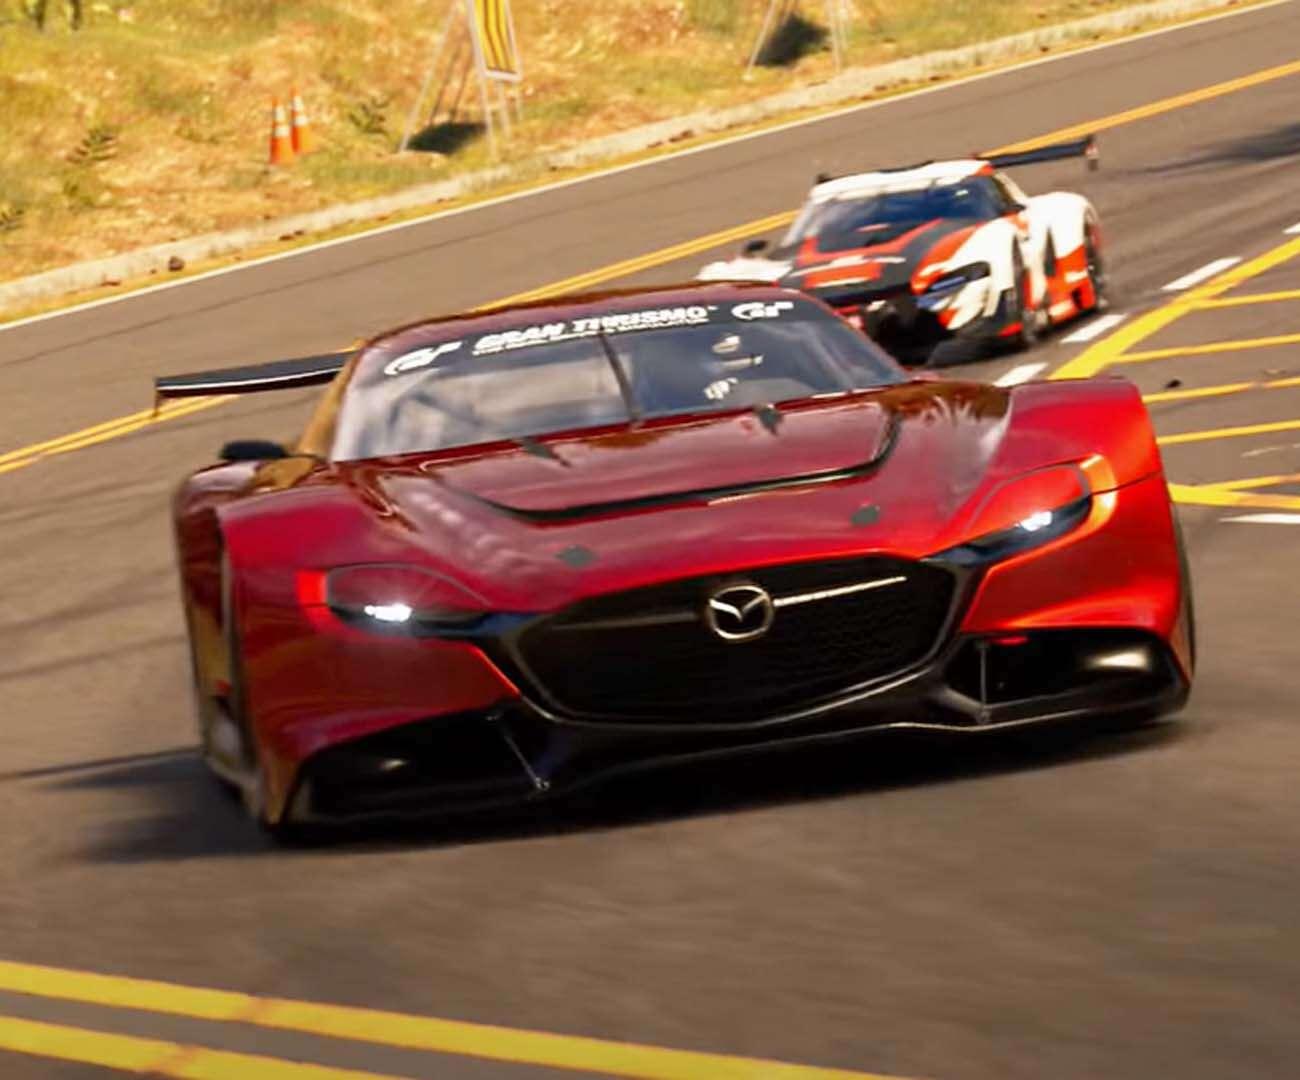 Wczesna wersja Gran Turismo 7 vs GT Sport vs Forza 7 – kto się bardziej błyszczy?